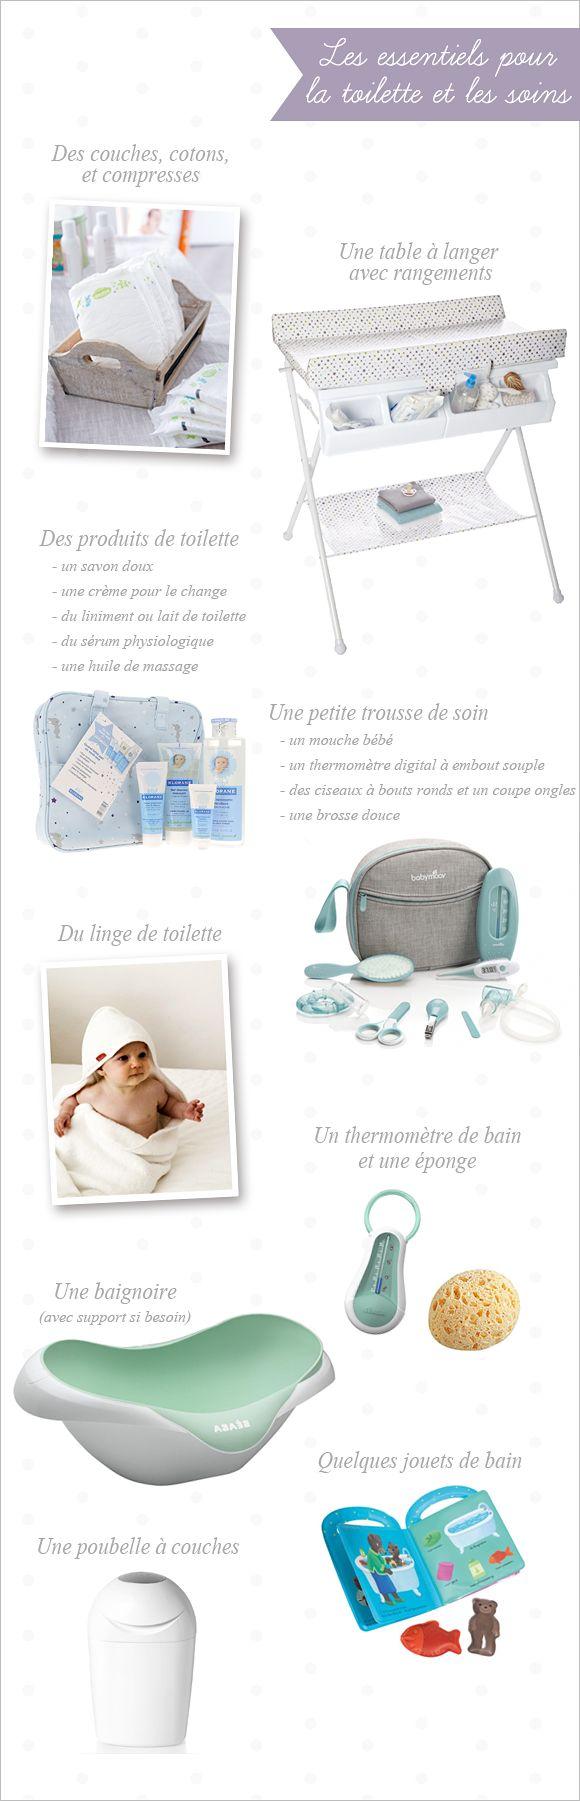 Objets et soins pour la toilette de bébé